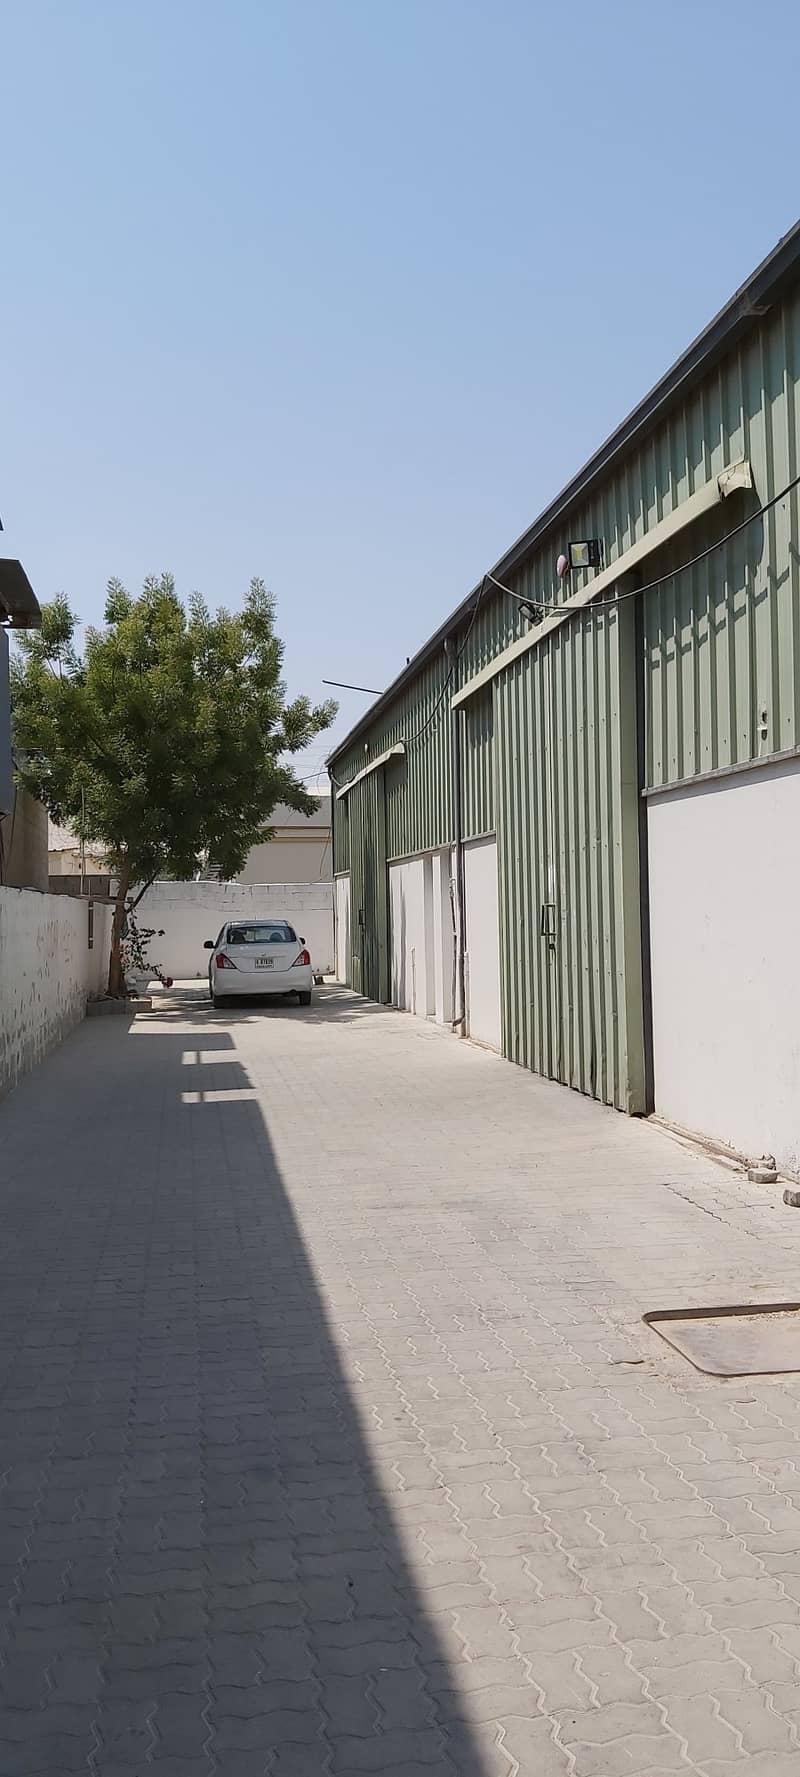 2400 Sqft Warehouse With Office Mezzanine Floor In Industrial Area 15 Sharjah